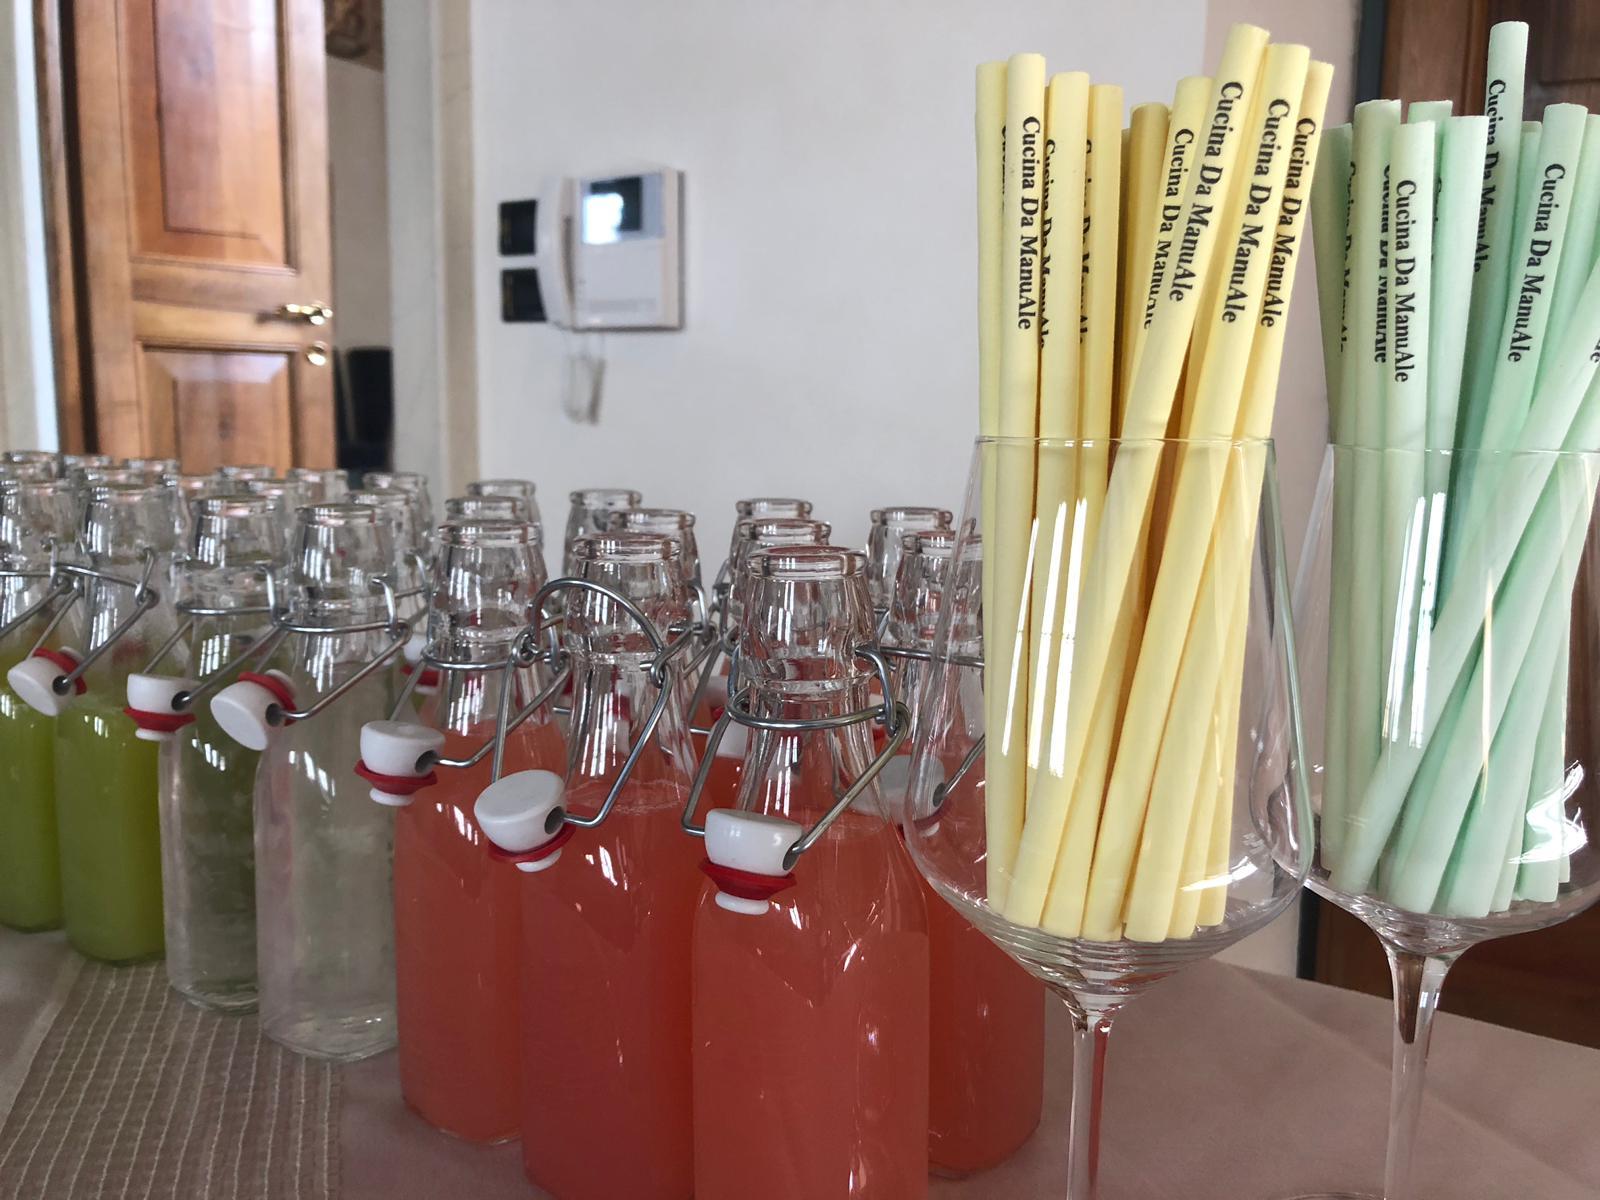 cannucce-di-zucchero-personalizzate-cucina-da-manuale.jpg